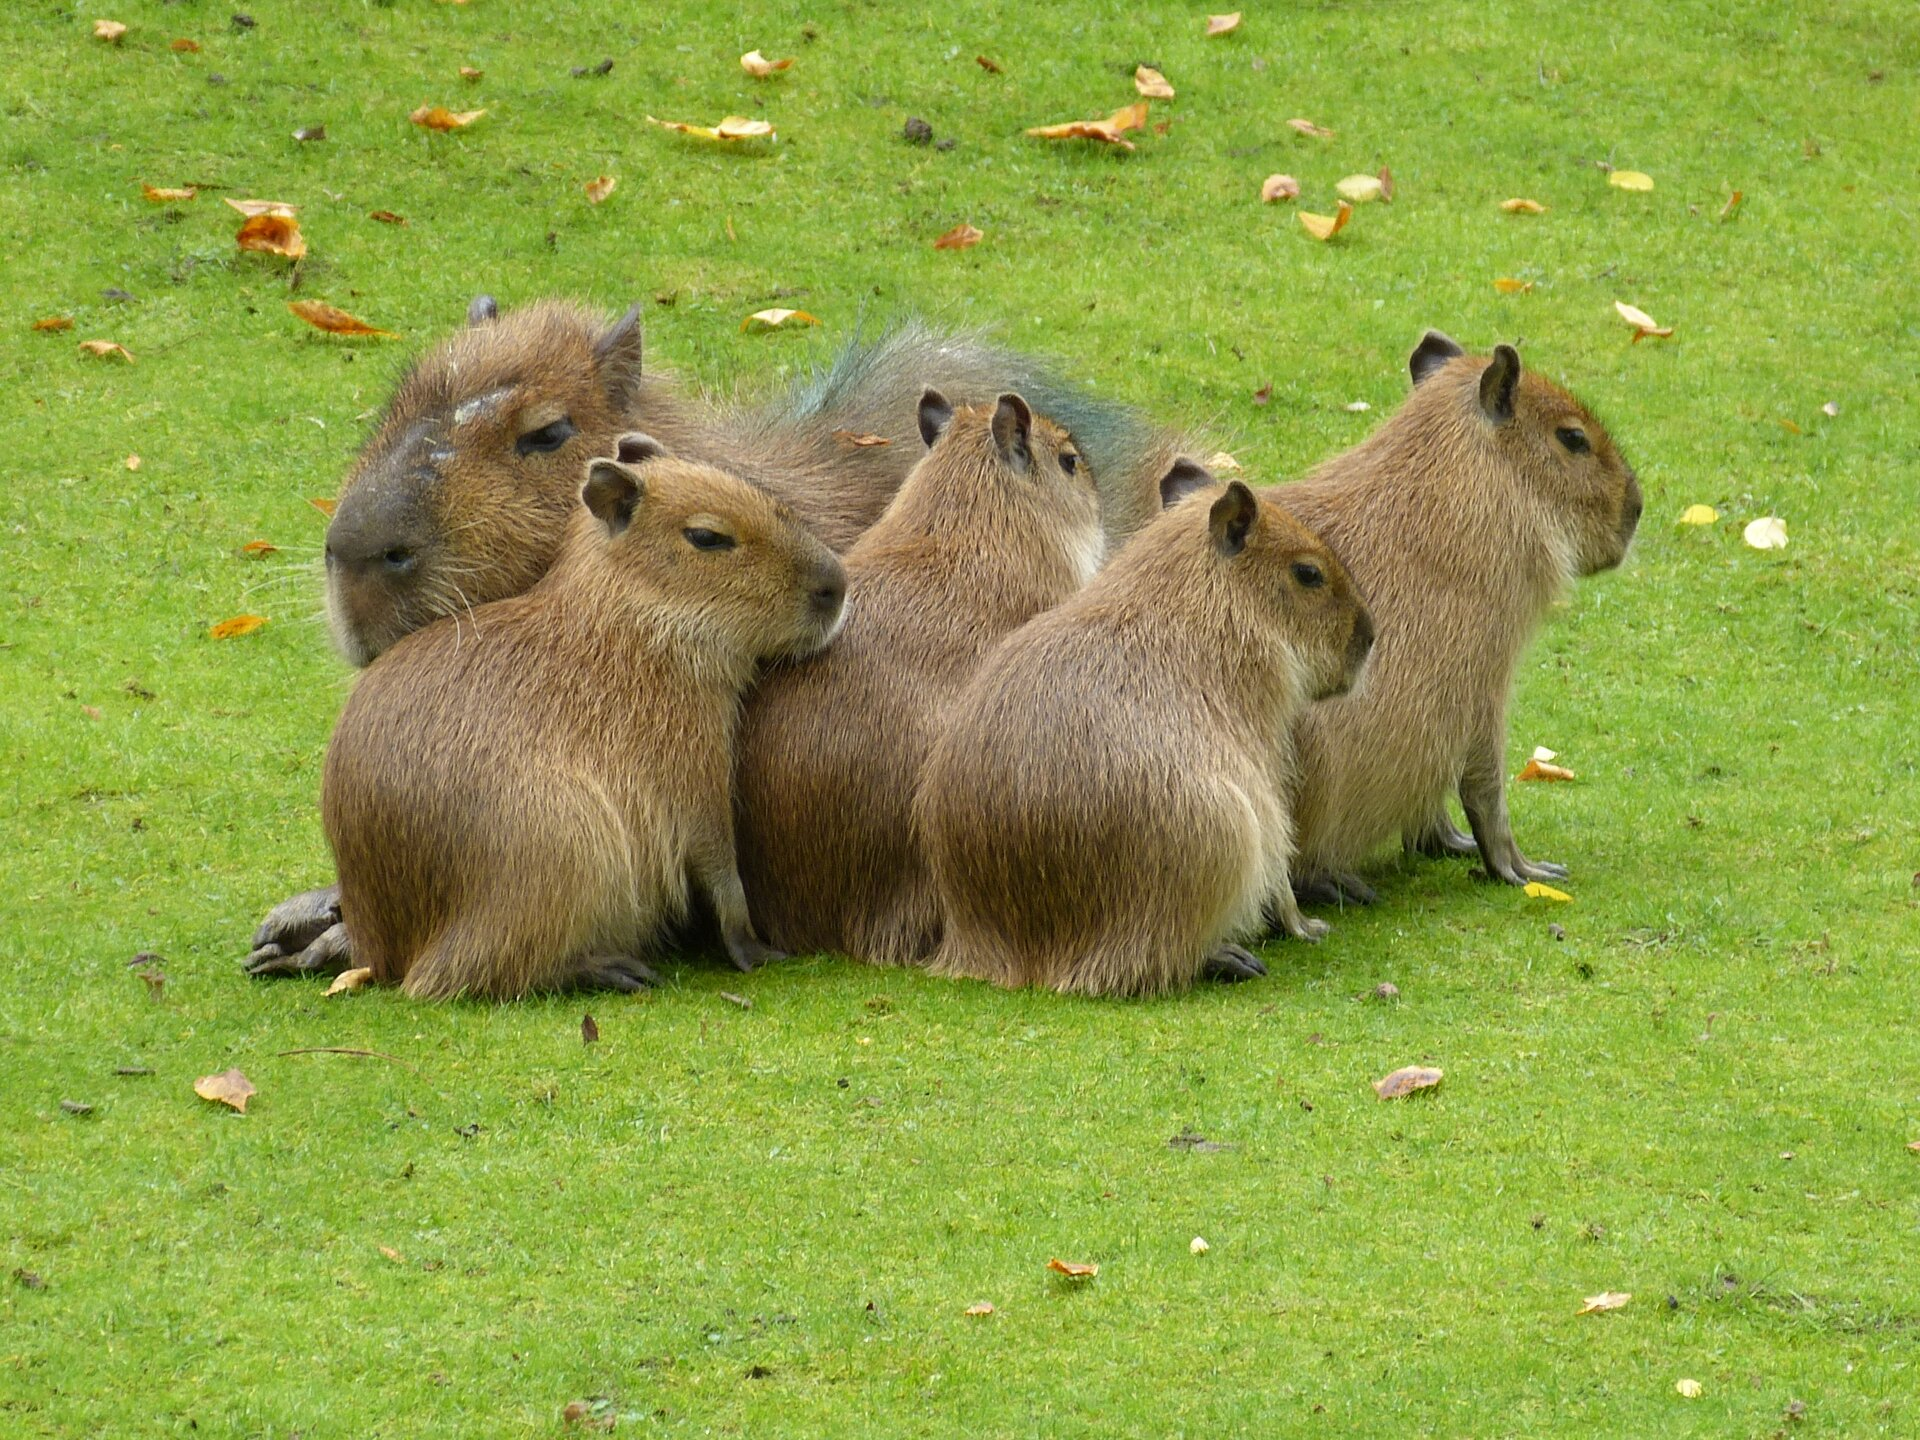 Fotografia przedstawia stado kapibar. Zwierzęta są całe pokryte długą, brązową sierścią, na łapach ciemniejszą. Mają krótkie pyski imałe uszy.